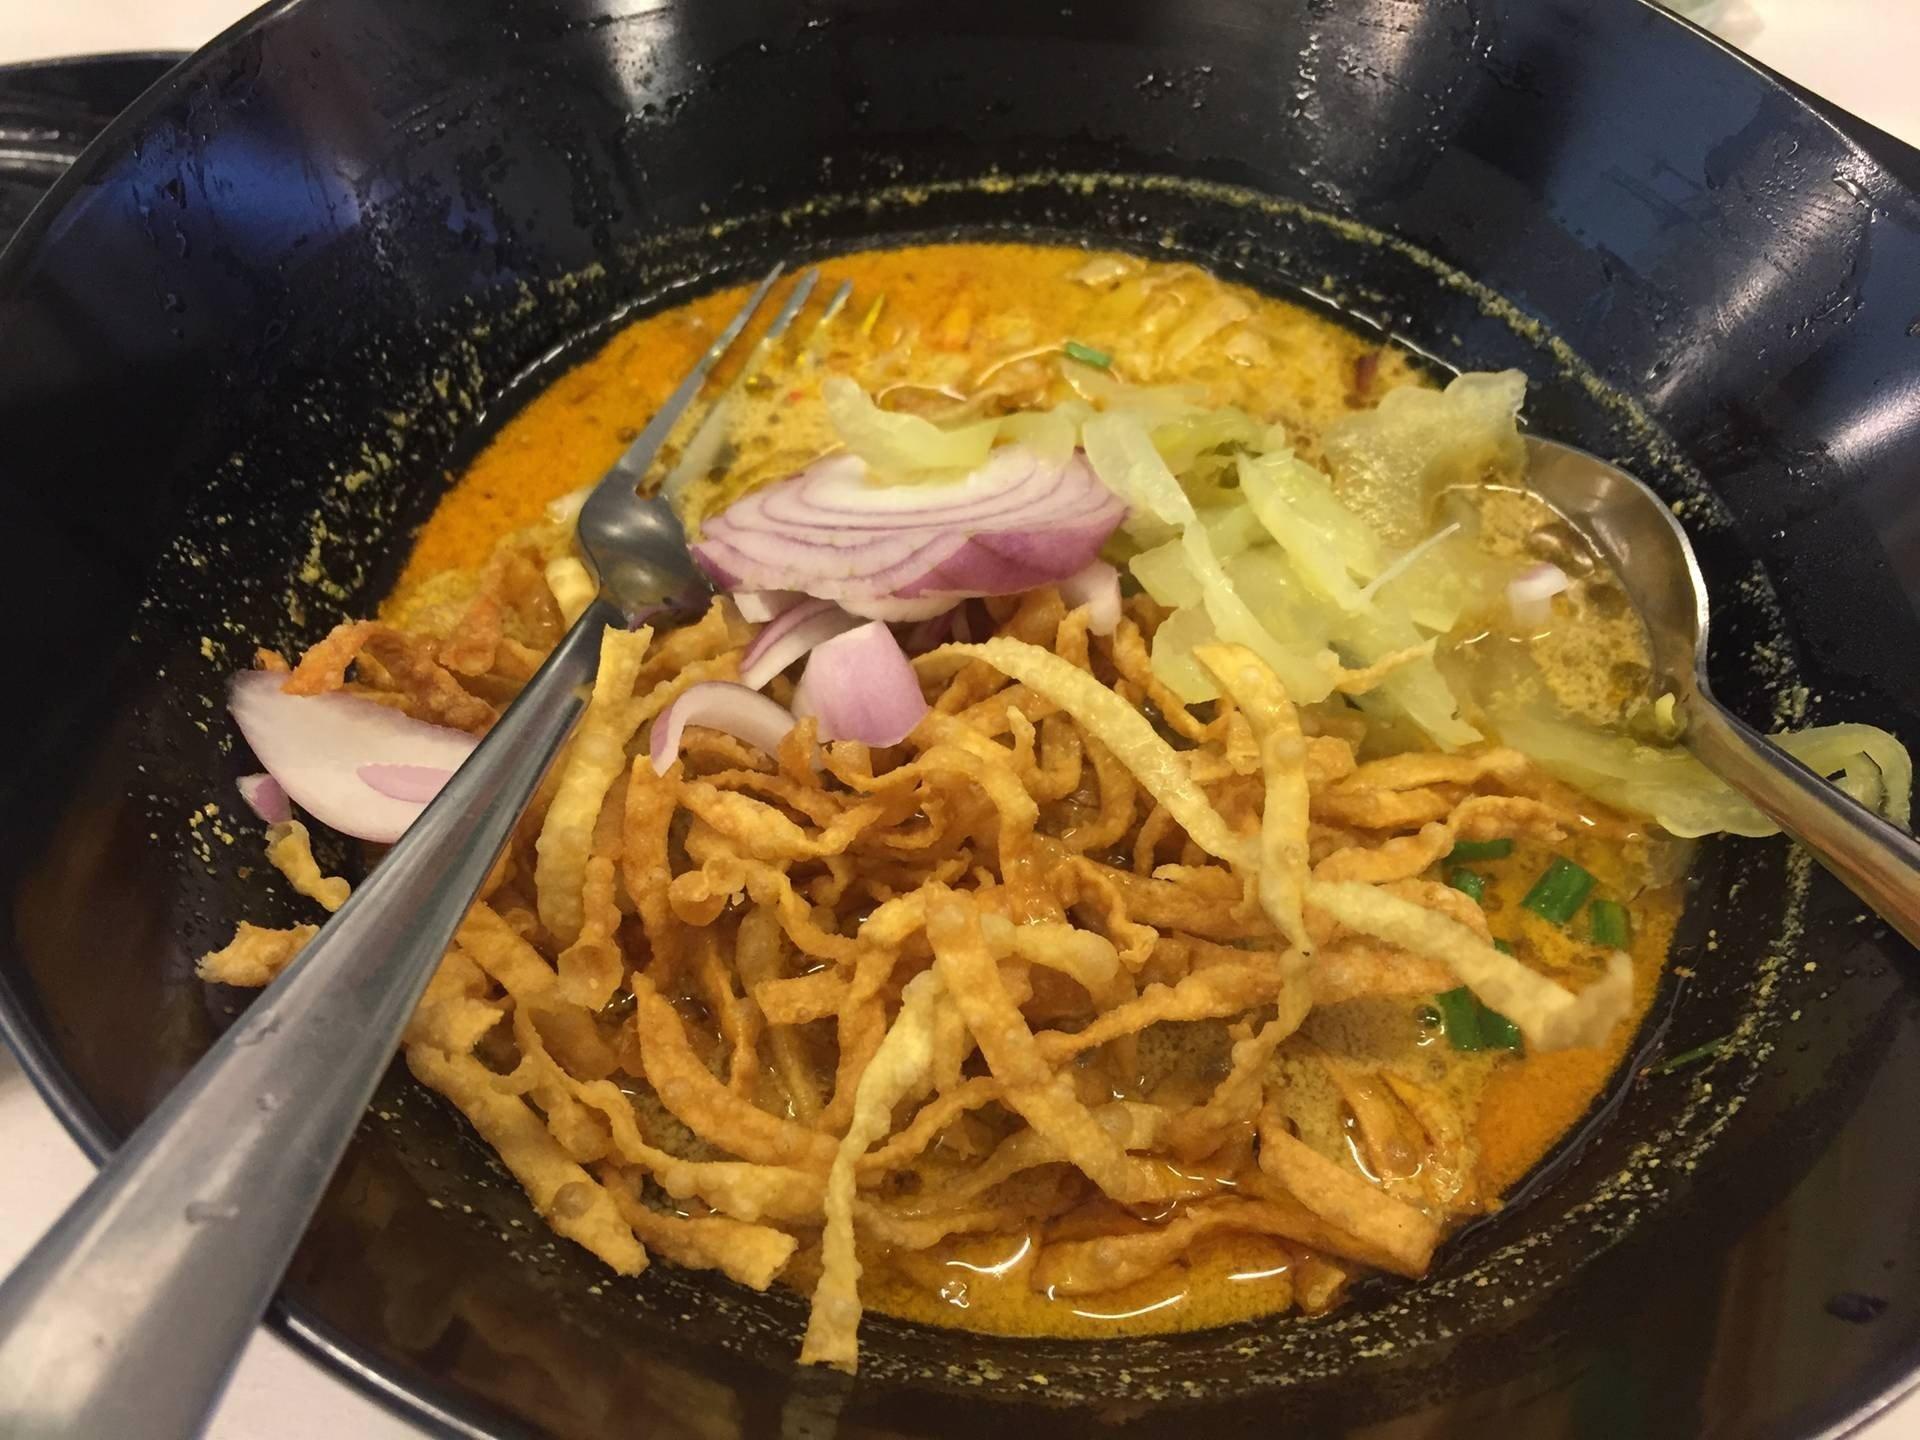 เมื่อใส่เครื่องลงในซุปข้าวซอยและคลุก บีบมะนาวลงหน่อยจะได้รสชาติดี